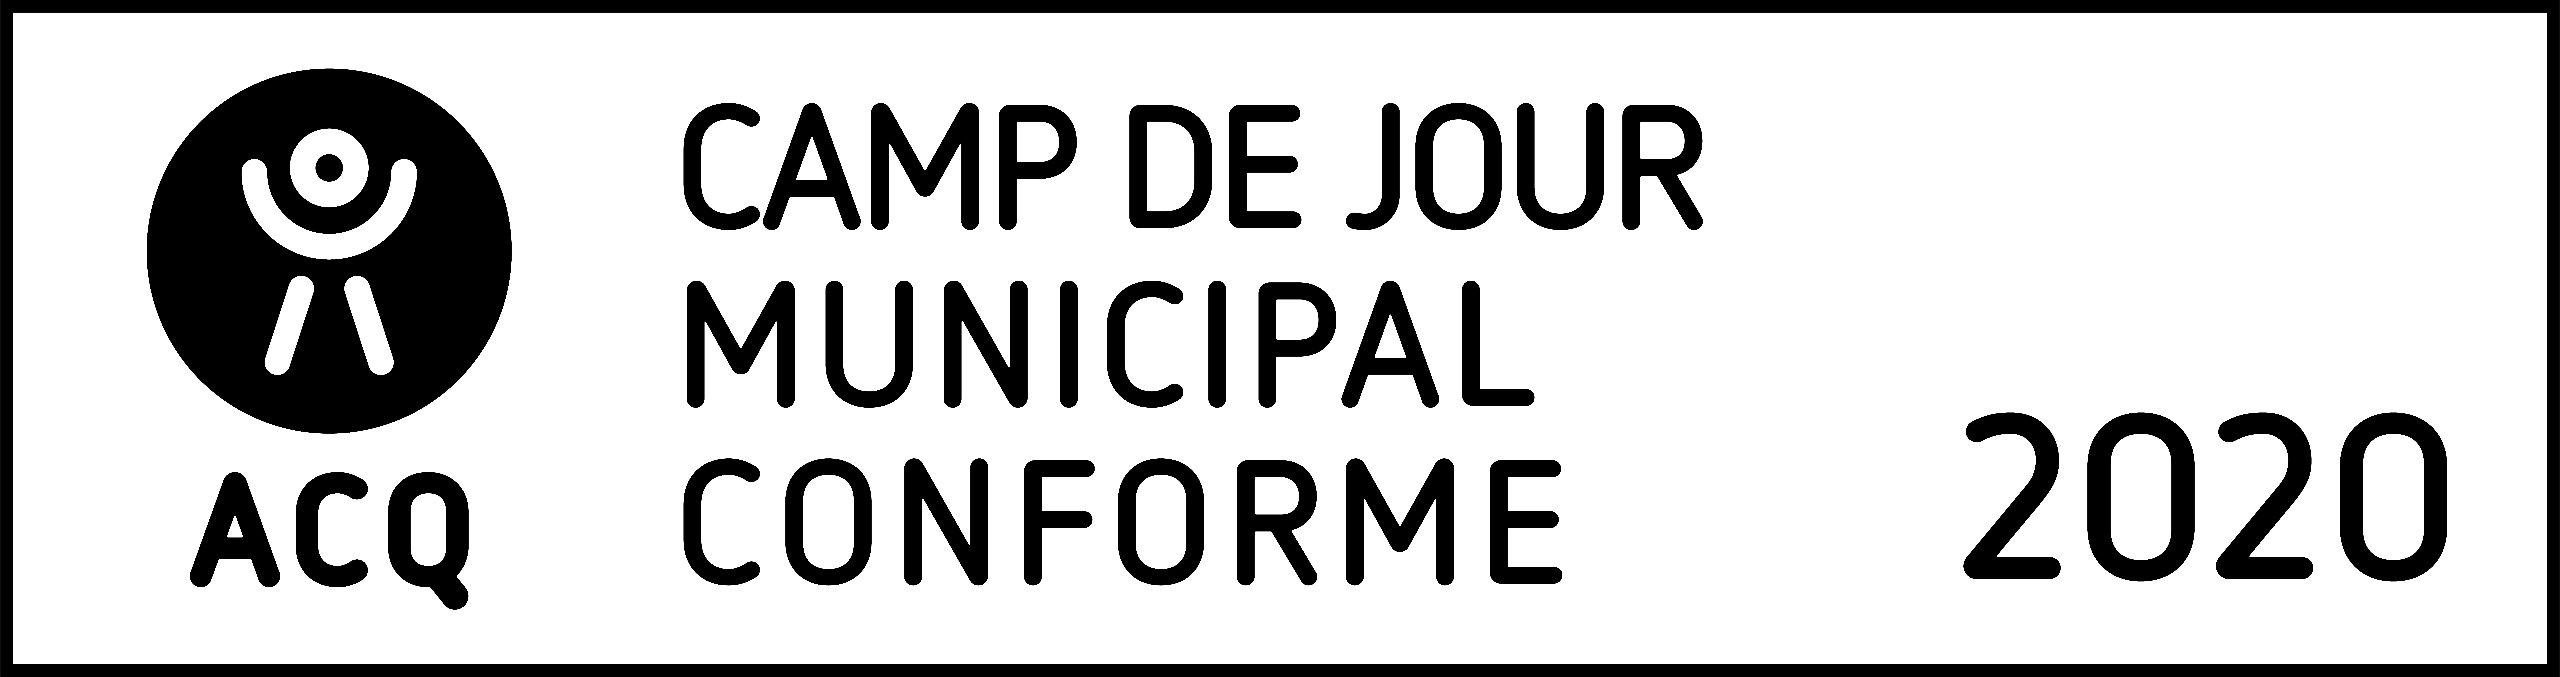 ACQ_CJMC_Noir_2020